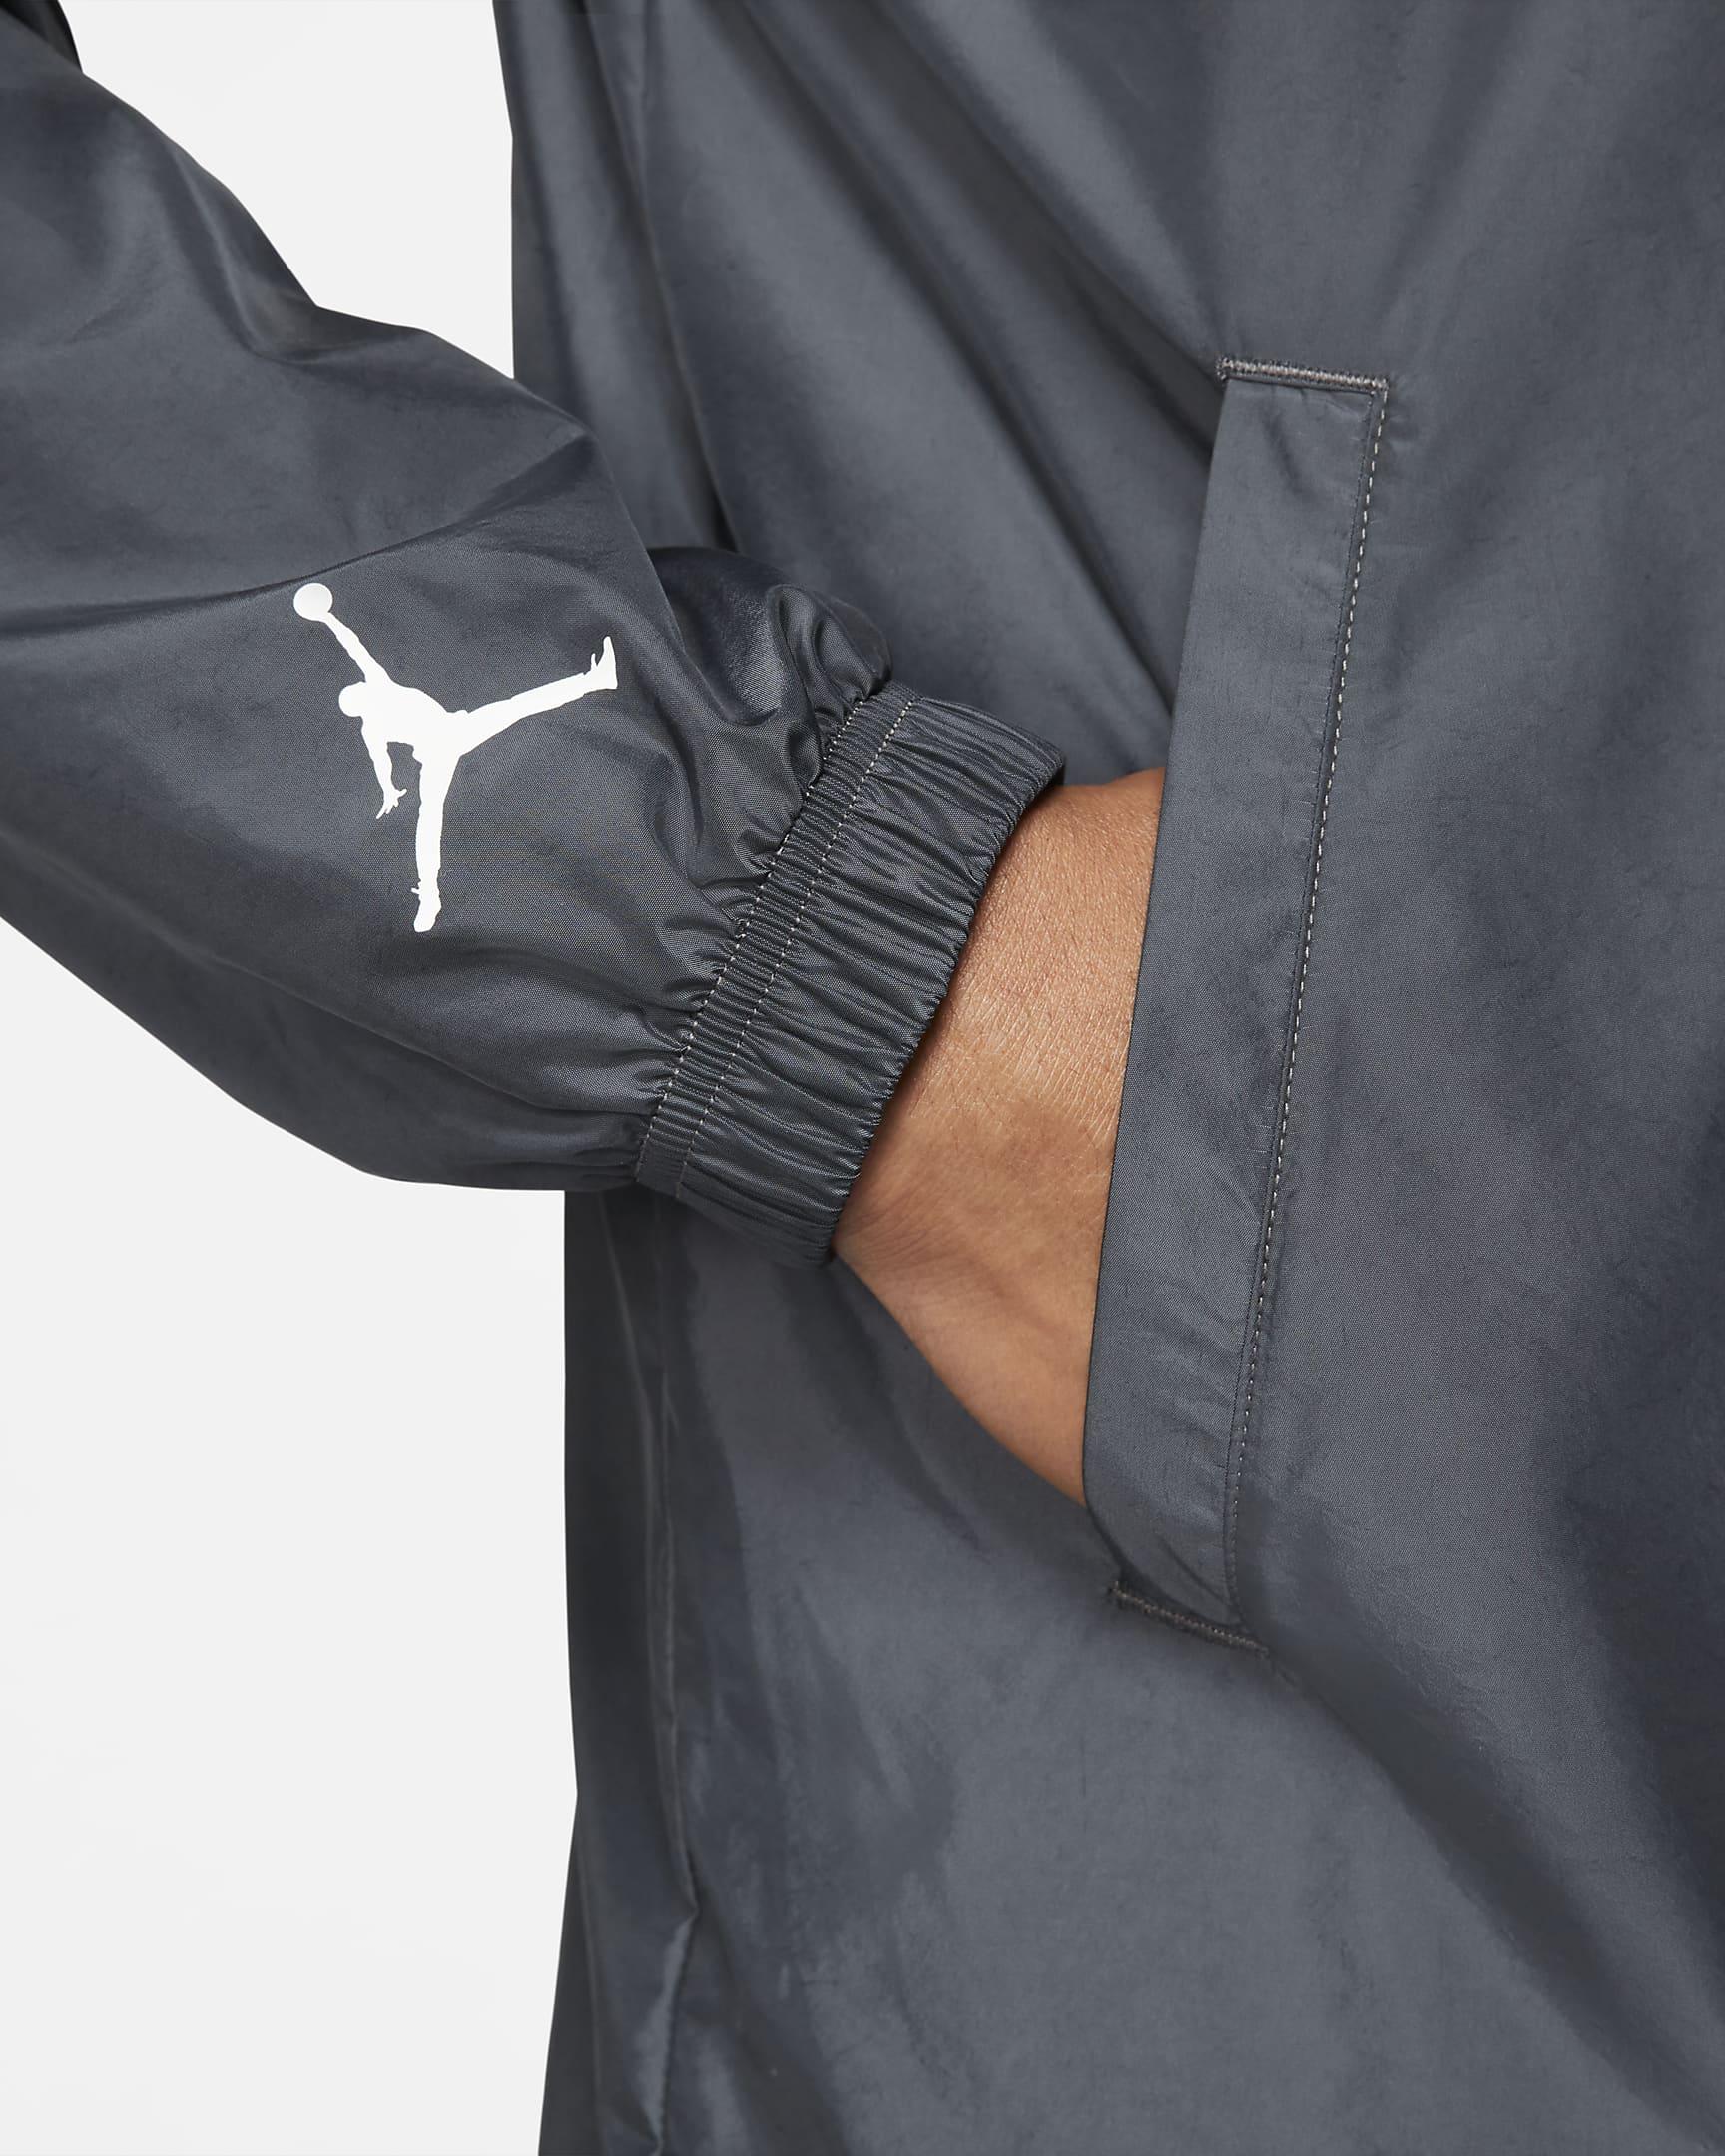 jordan-jumpman-classics-mens-jacket-4zLW62-4.png